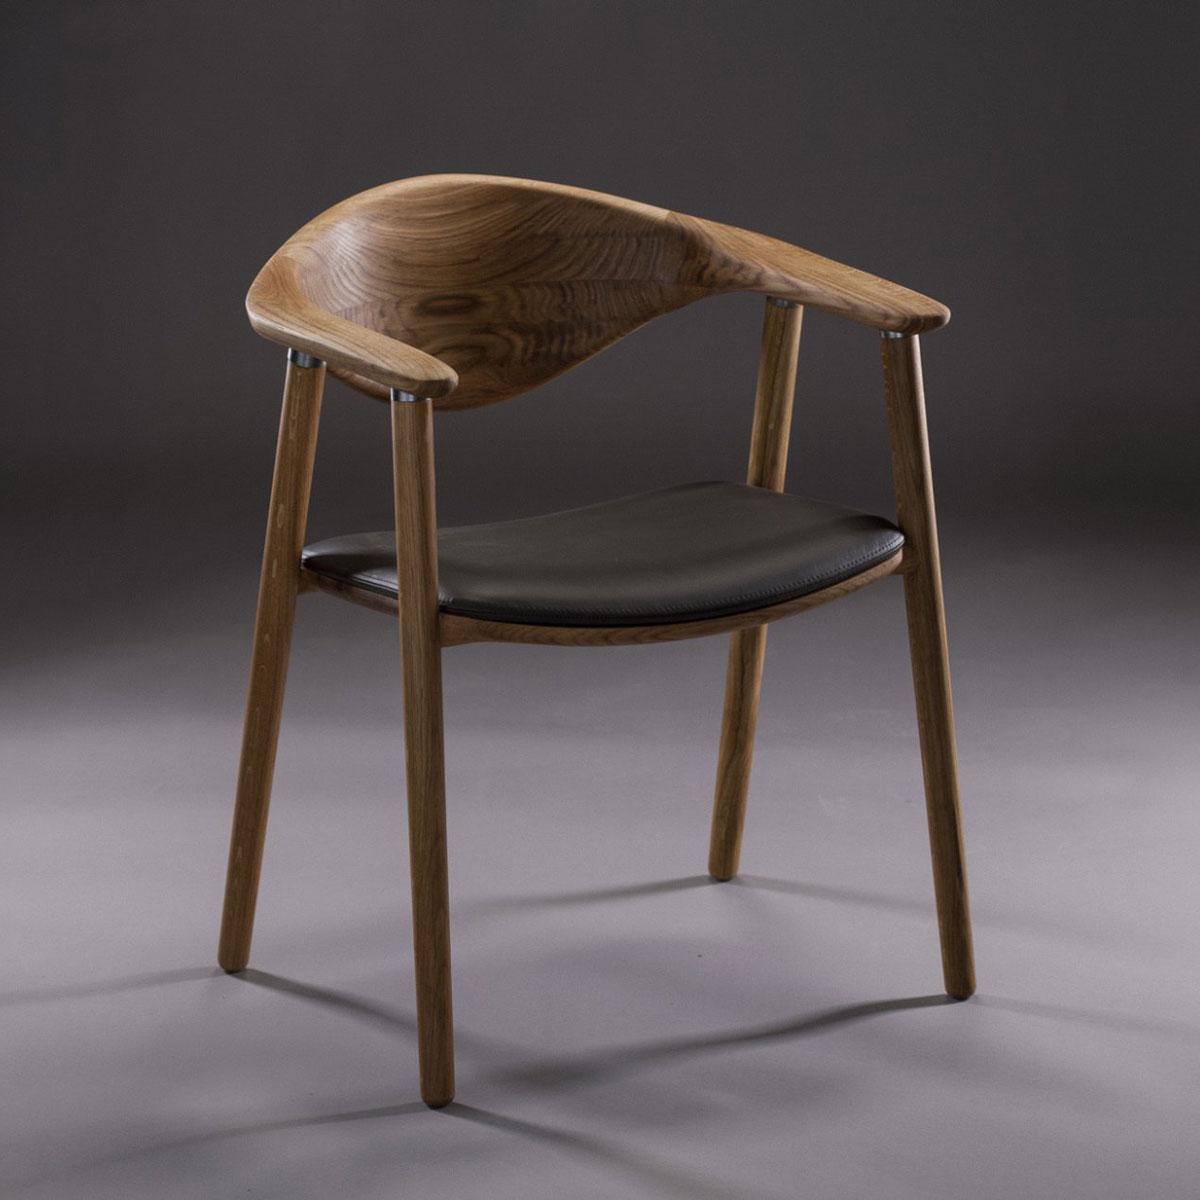 Silla Naru realizada en madera y con asiento en tapicería a elegir, de diseño moderno y excelentes acabados. Artesanía europea de calidad para Artisan